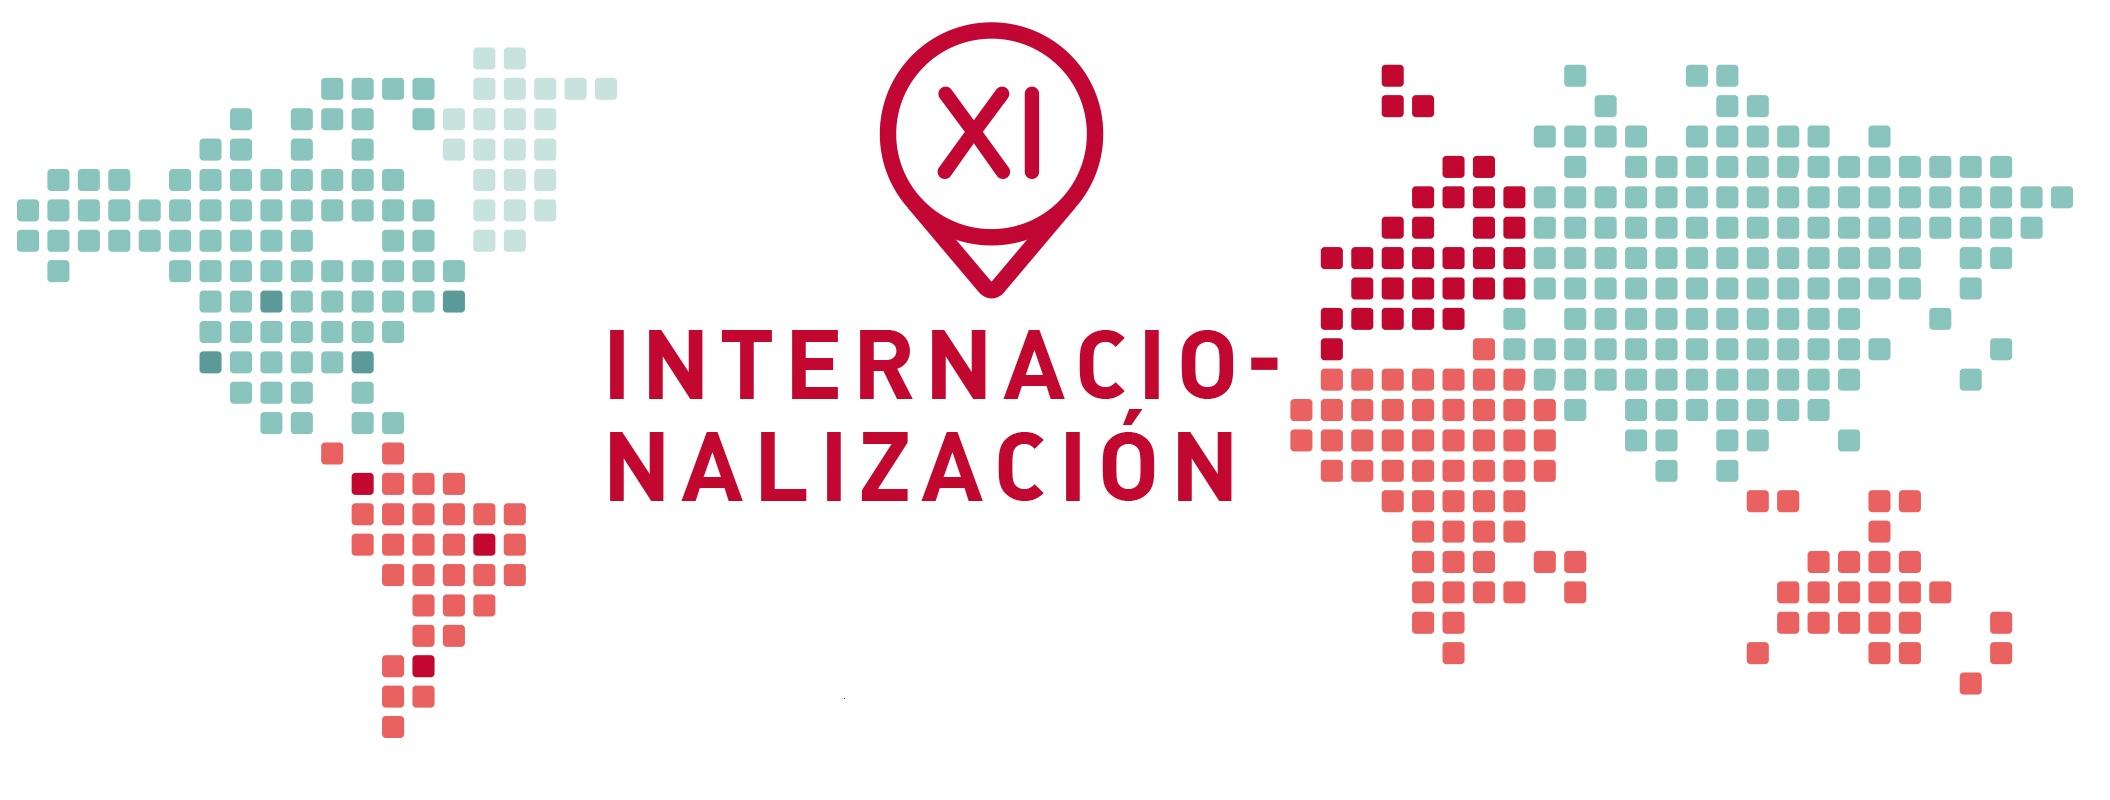 internacionalizacion 11 - ¿Cuáles son los retos para las marcas que buscan internacionalizarse?